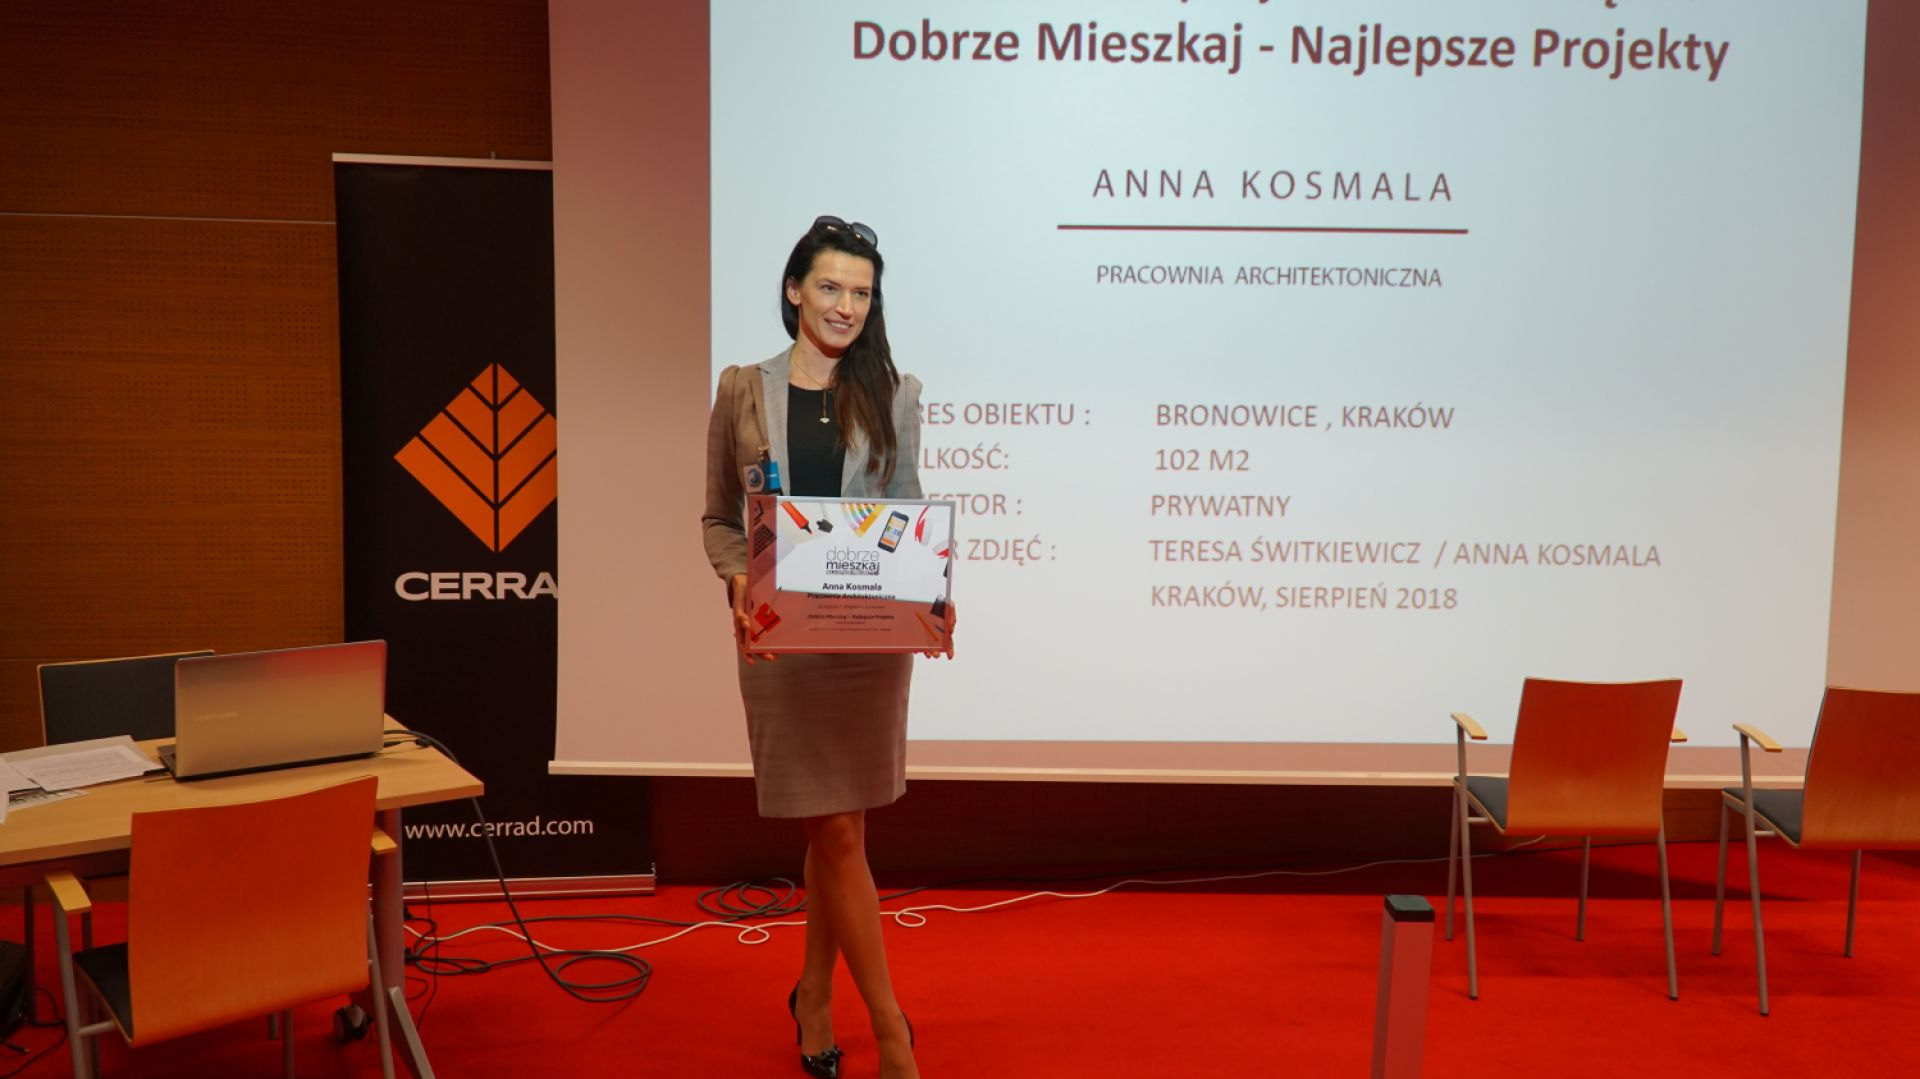 Anna Kosmala, nagroda w konkursie Dobrze Mieszkaj - Najlepsze Projekty